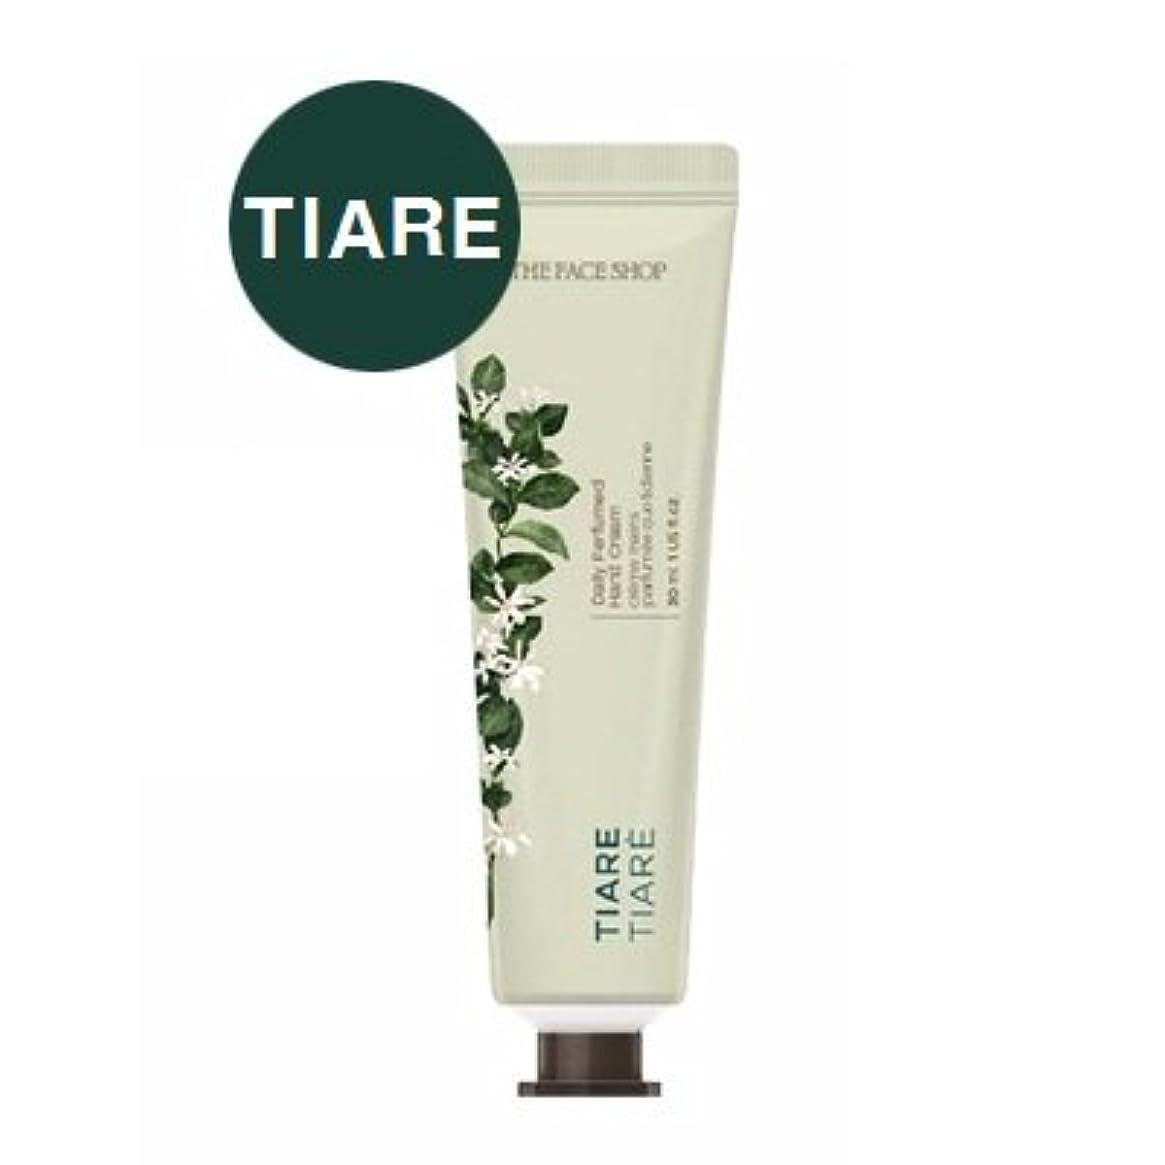 ロンドンオーバーフローファウルTHE FACE SHOP Daily Perfume Hand Cream [02. Tiare] ザフェイスショップ デイリーパフュームハンドクリーム [02. ティアレ] [new] [並行輸入品]